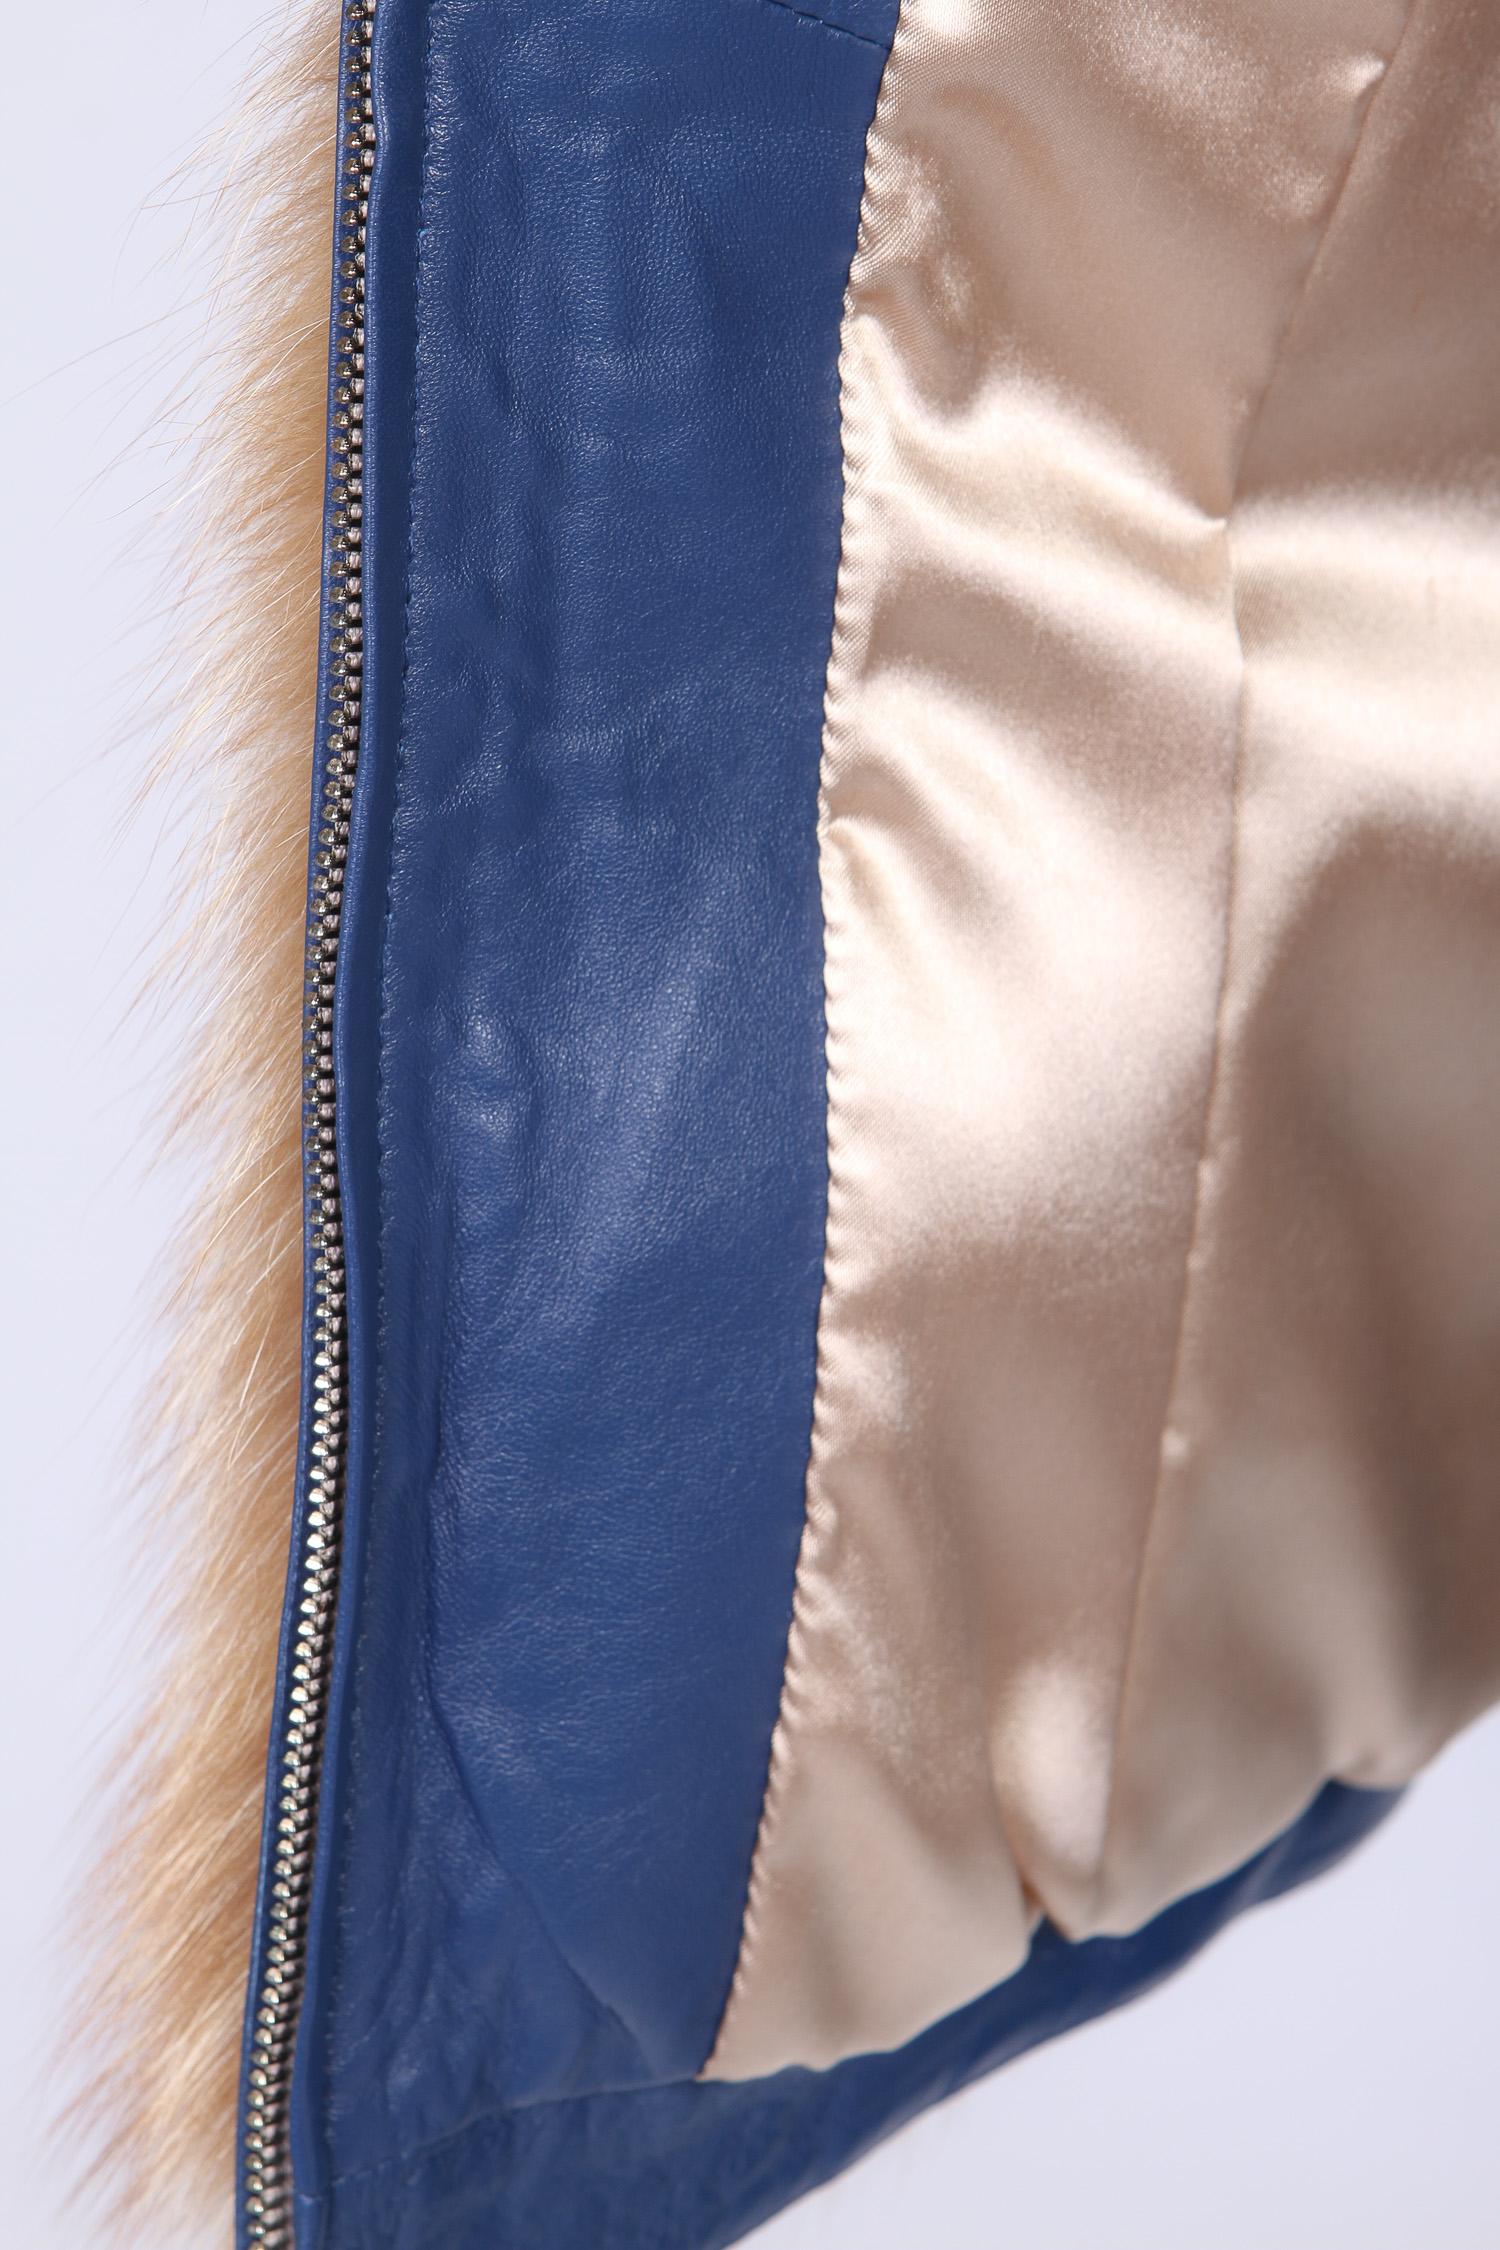 Женская кожаная куртка из натуральной кожи с капюшоном, отделка лиса от Московская Меховая Компания